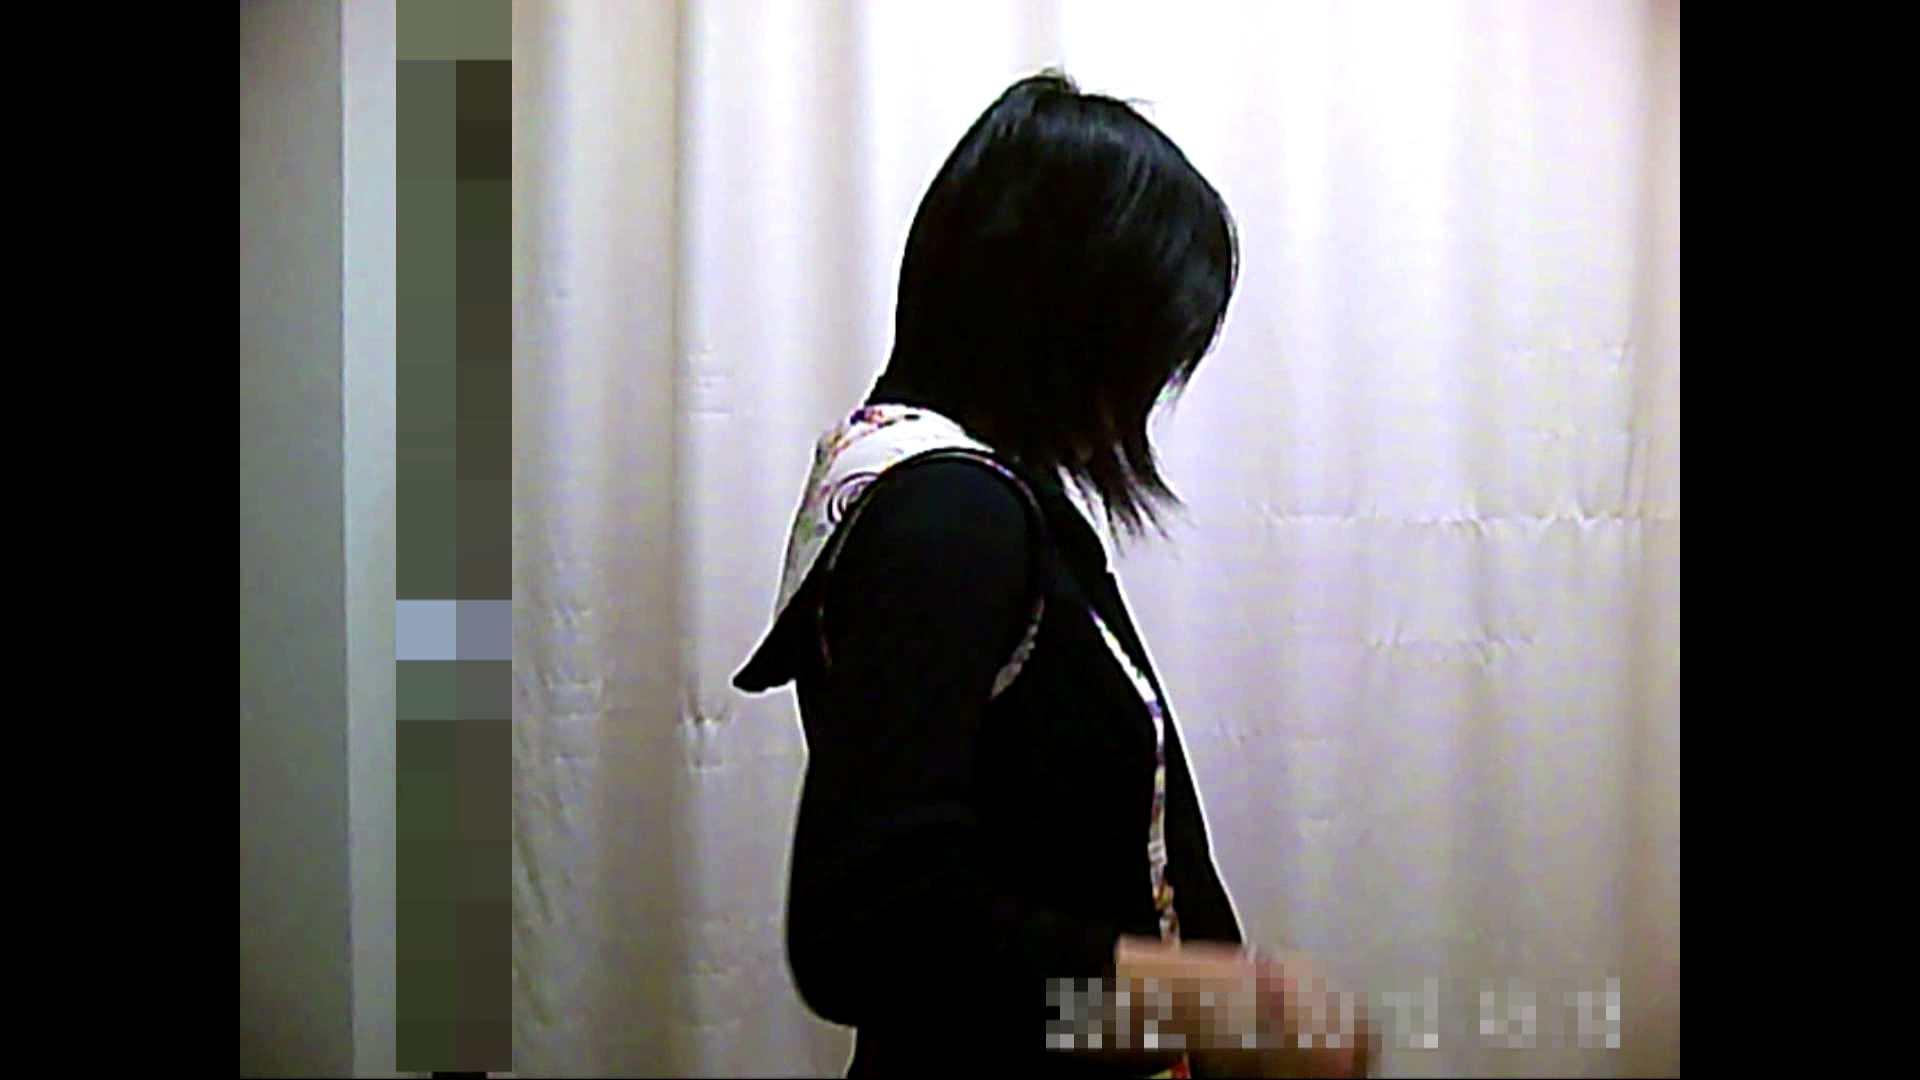 元医者による反抗 更衣室地獄絵巻 vol.068 OL  99pic 31